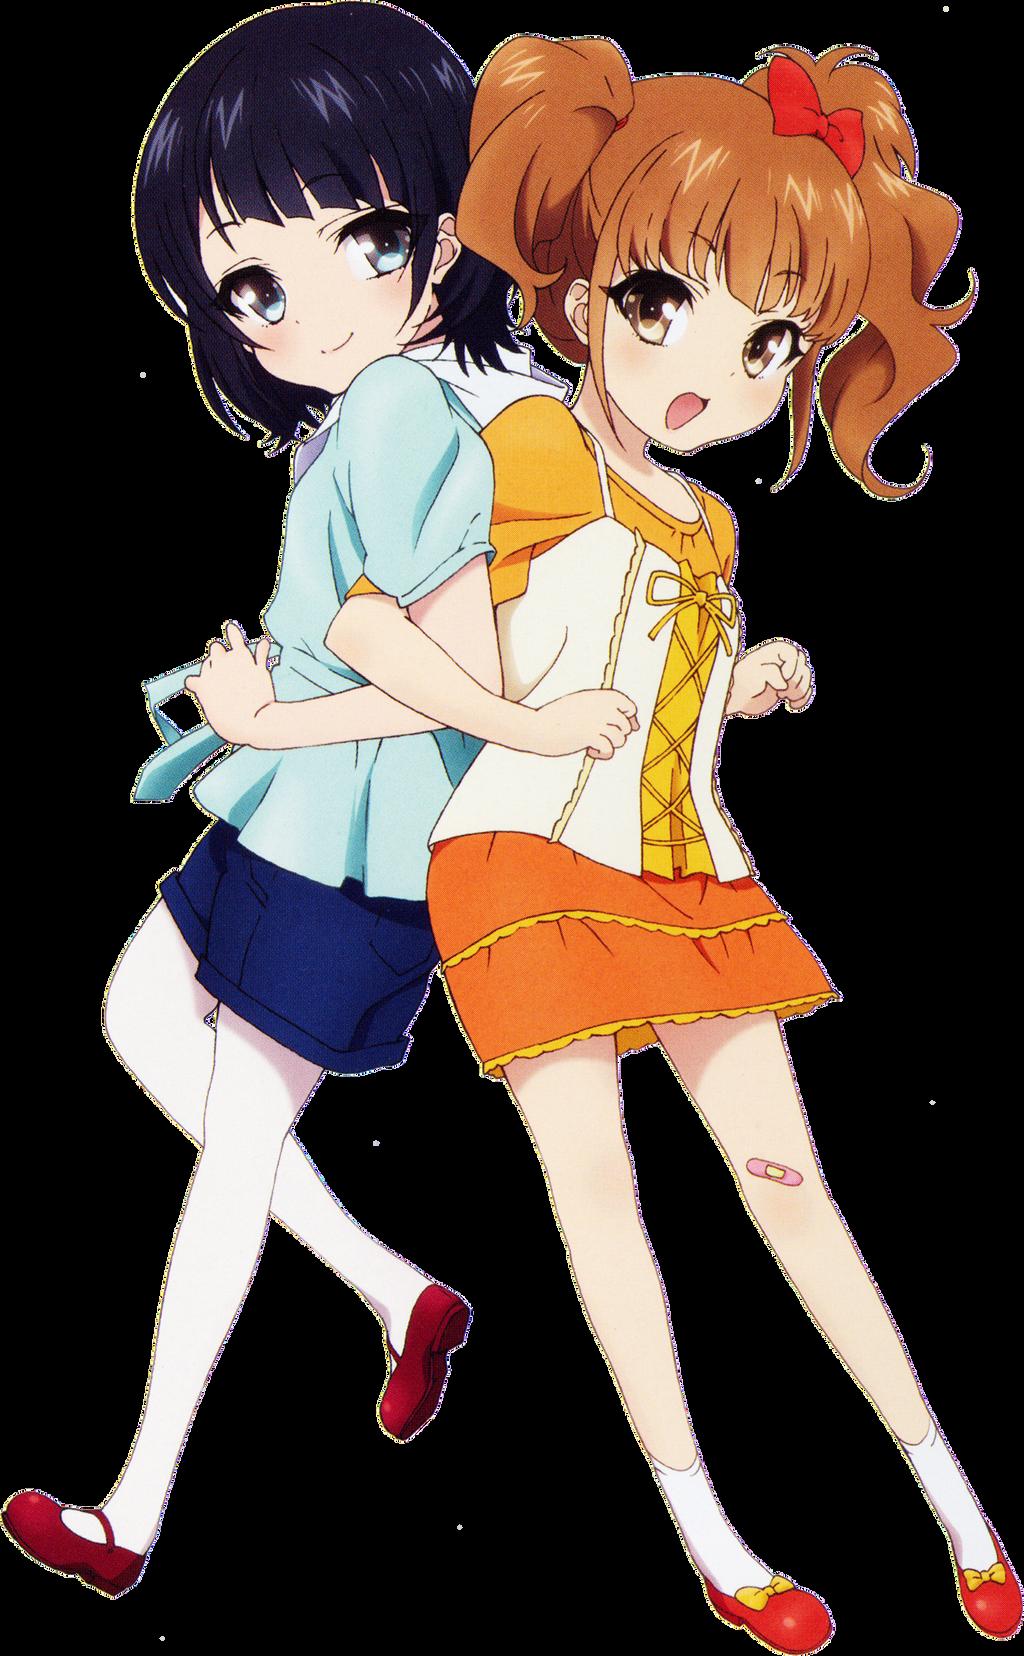 Renders anime Nagi_no_asukara_render_by_xsweetielovee-d8ekppx